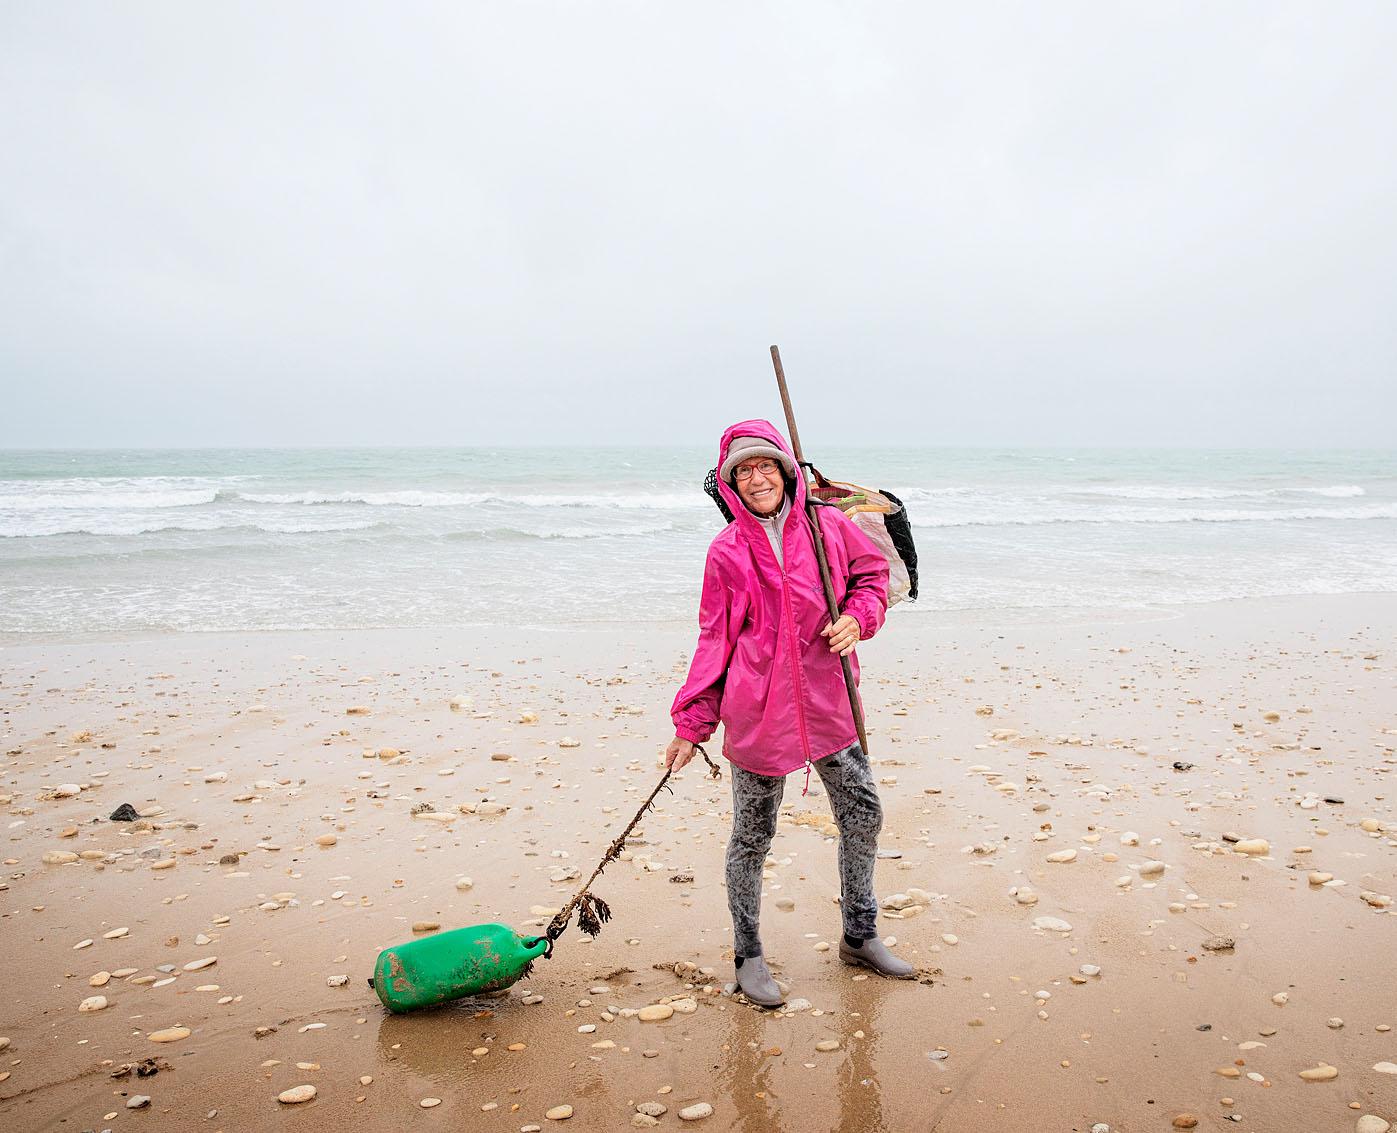 Véronique sur la plage du Peu Ragot de l'île de Ré pour Pèlerin